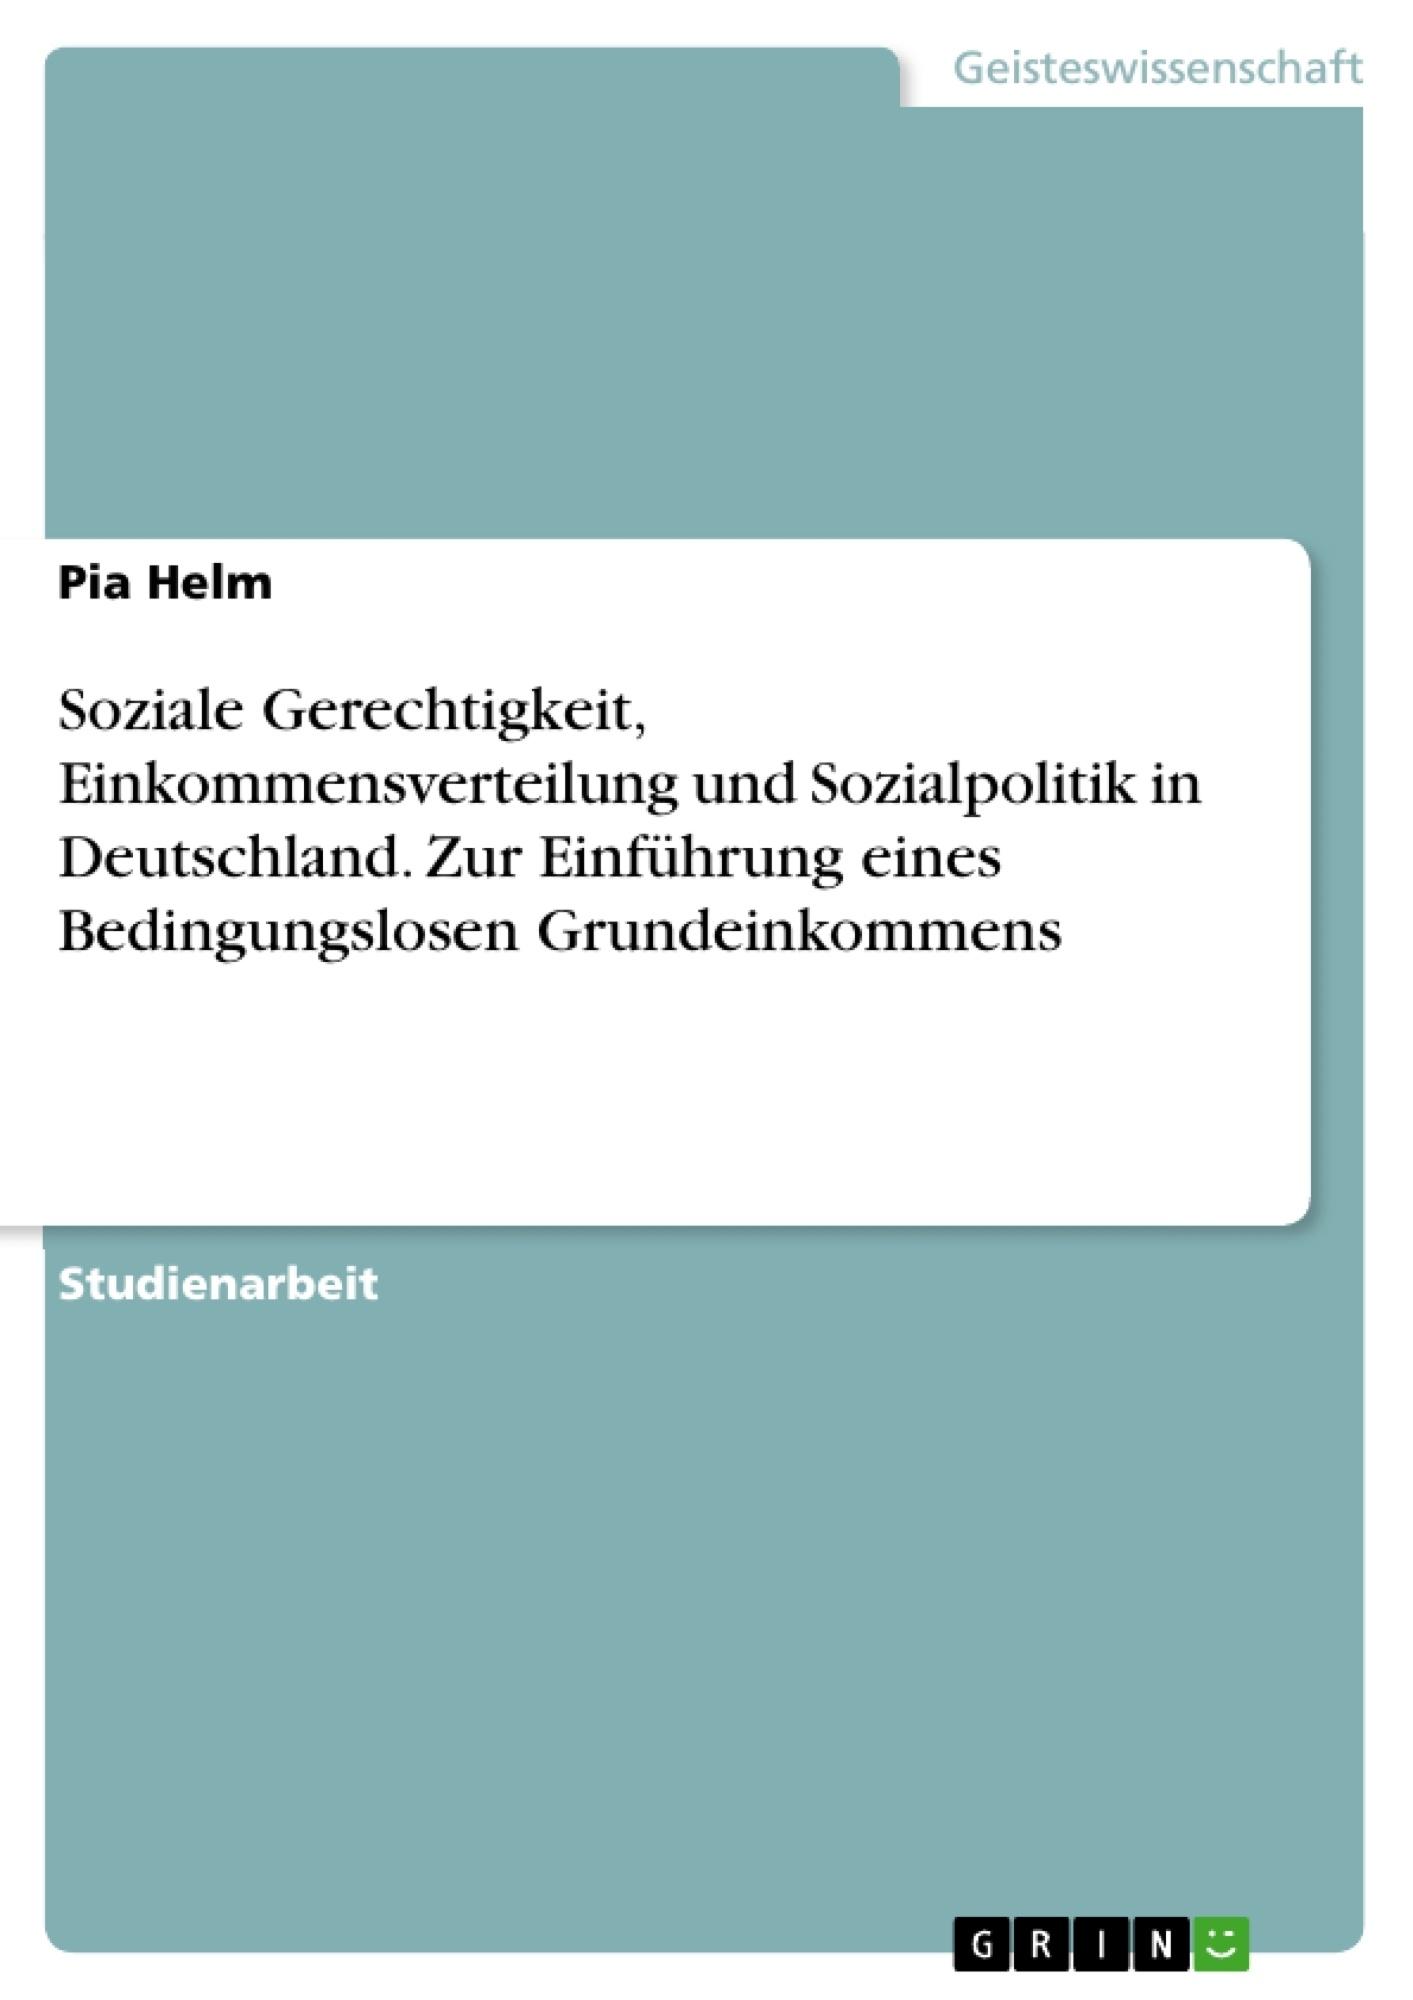 Titel: Soziale Gerechtigkeit, Einkommensverteilung und Sozialpolitik in Deutschland. Zur Einführung eines Bedingungslosen Grundeinkommens